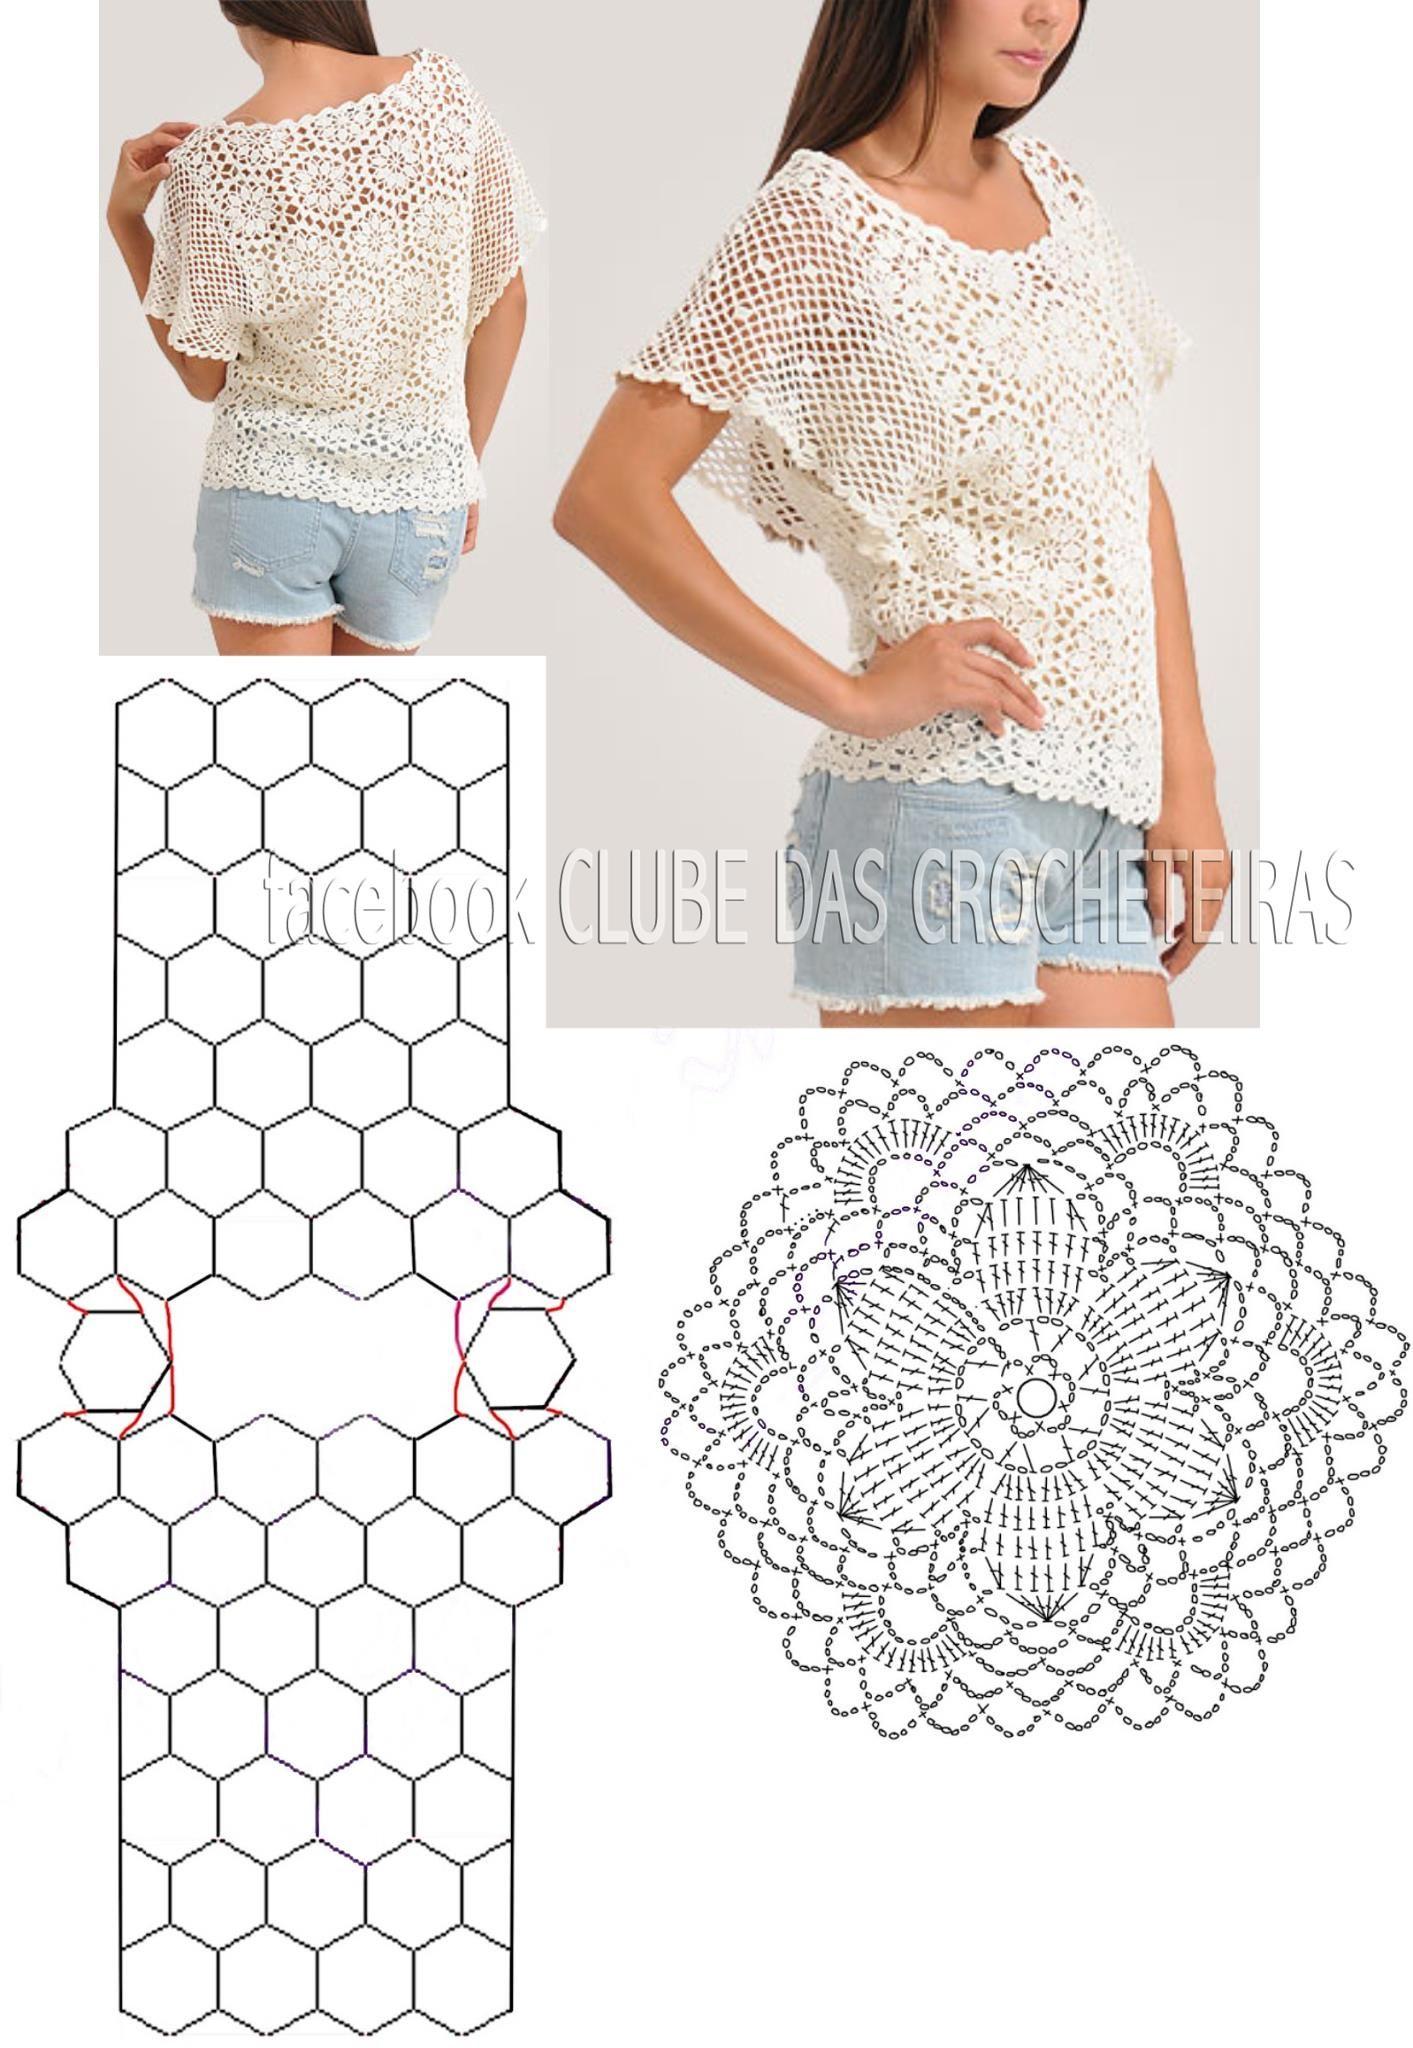 Blusa de crochê com motivos hexagonais   Blusas   Pinterest   Blusas ...